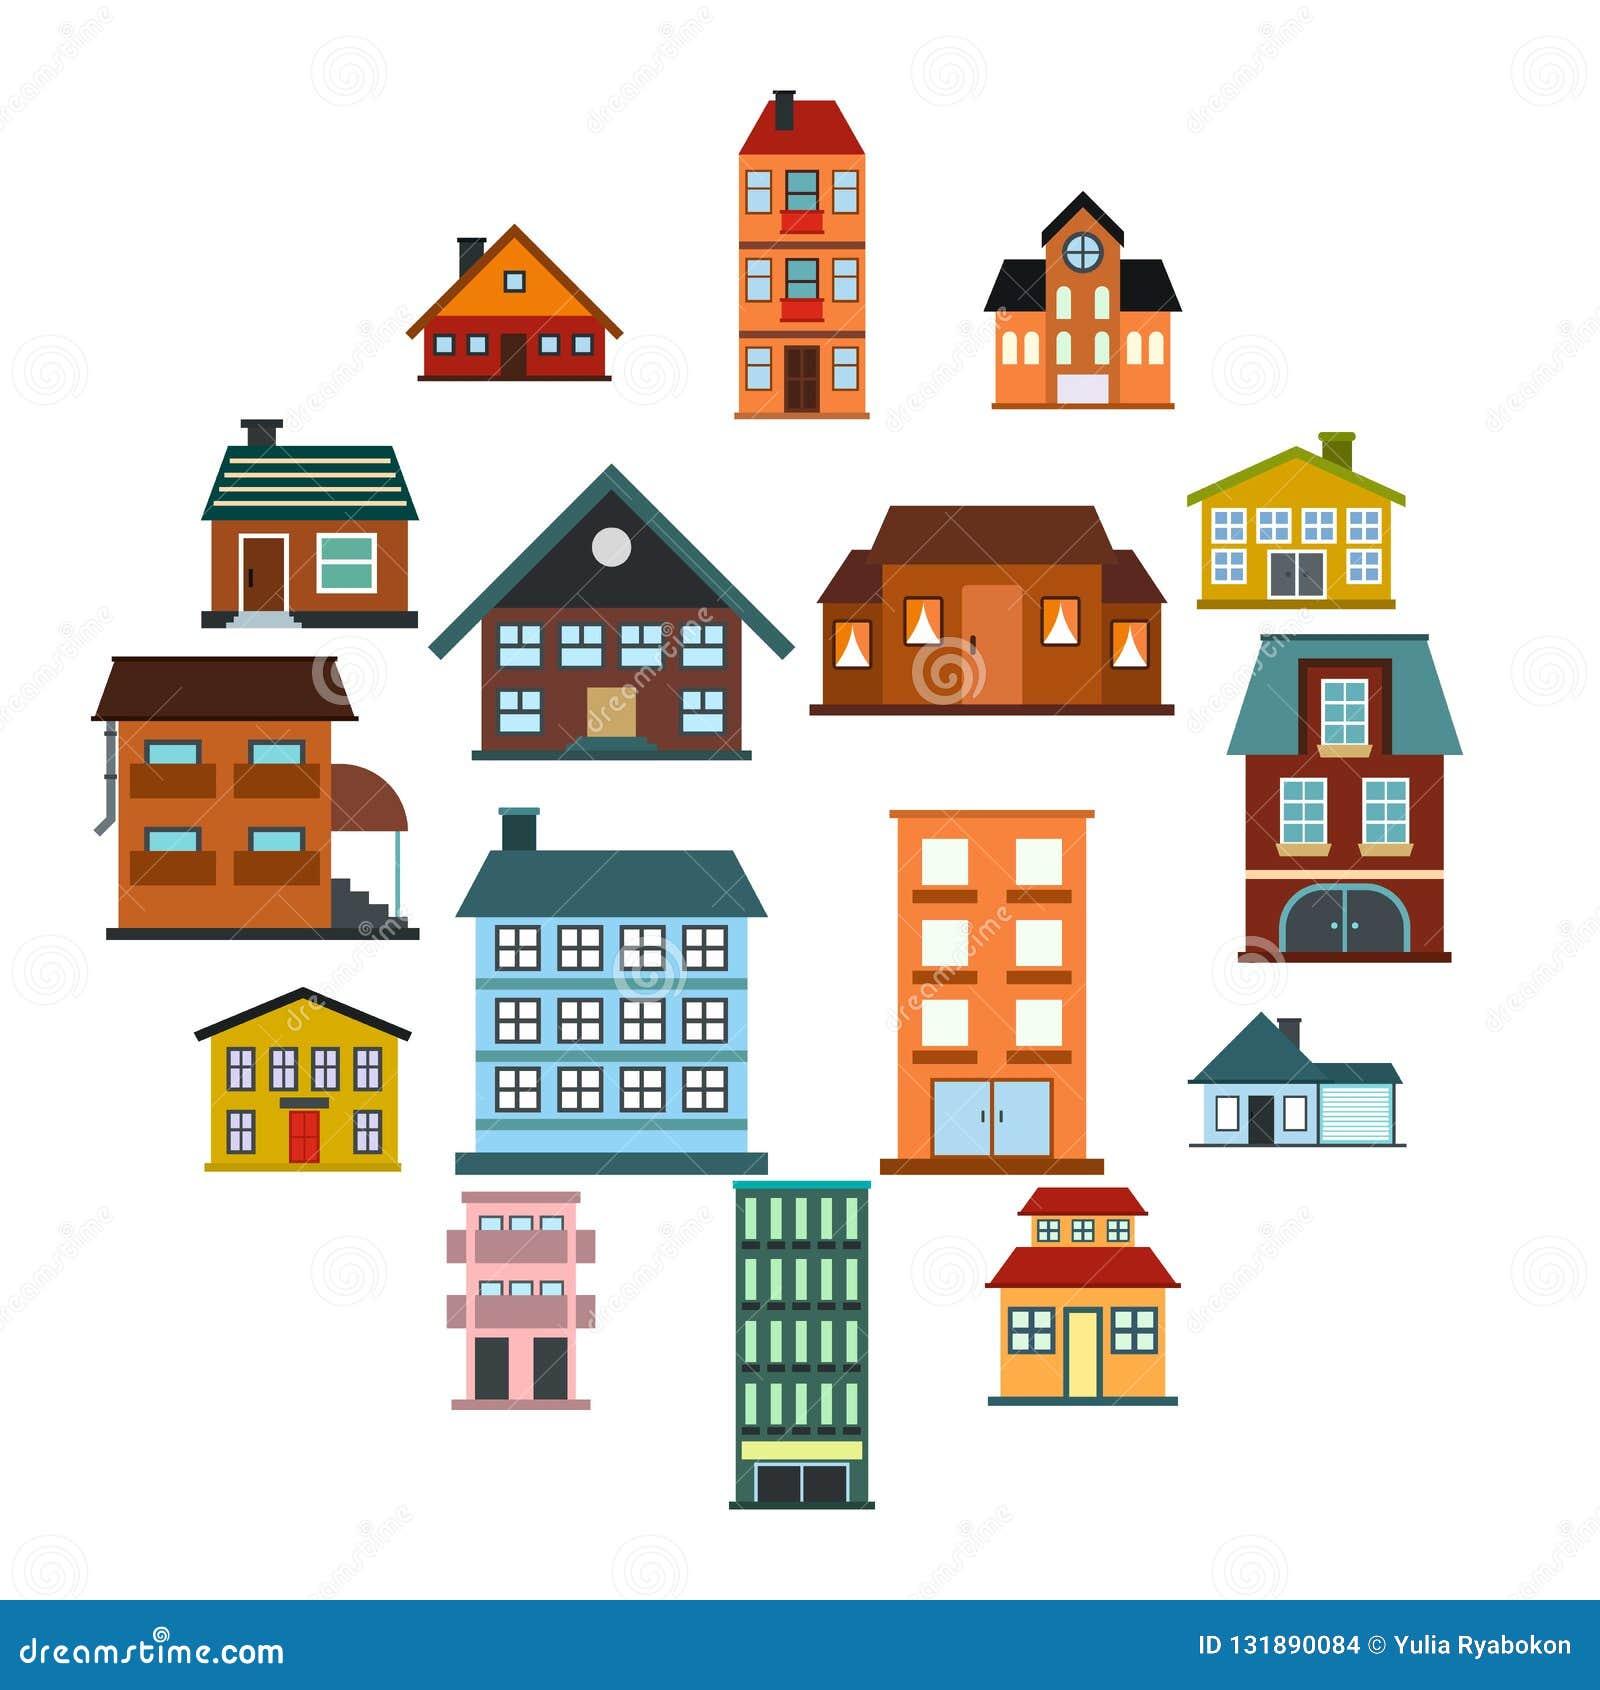 Houses flat icons set. Isolated on white background stock images